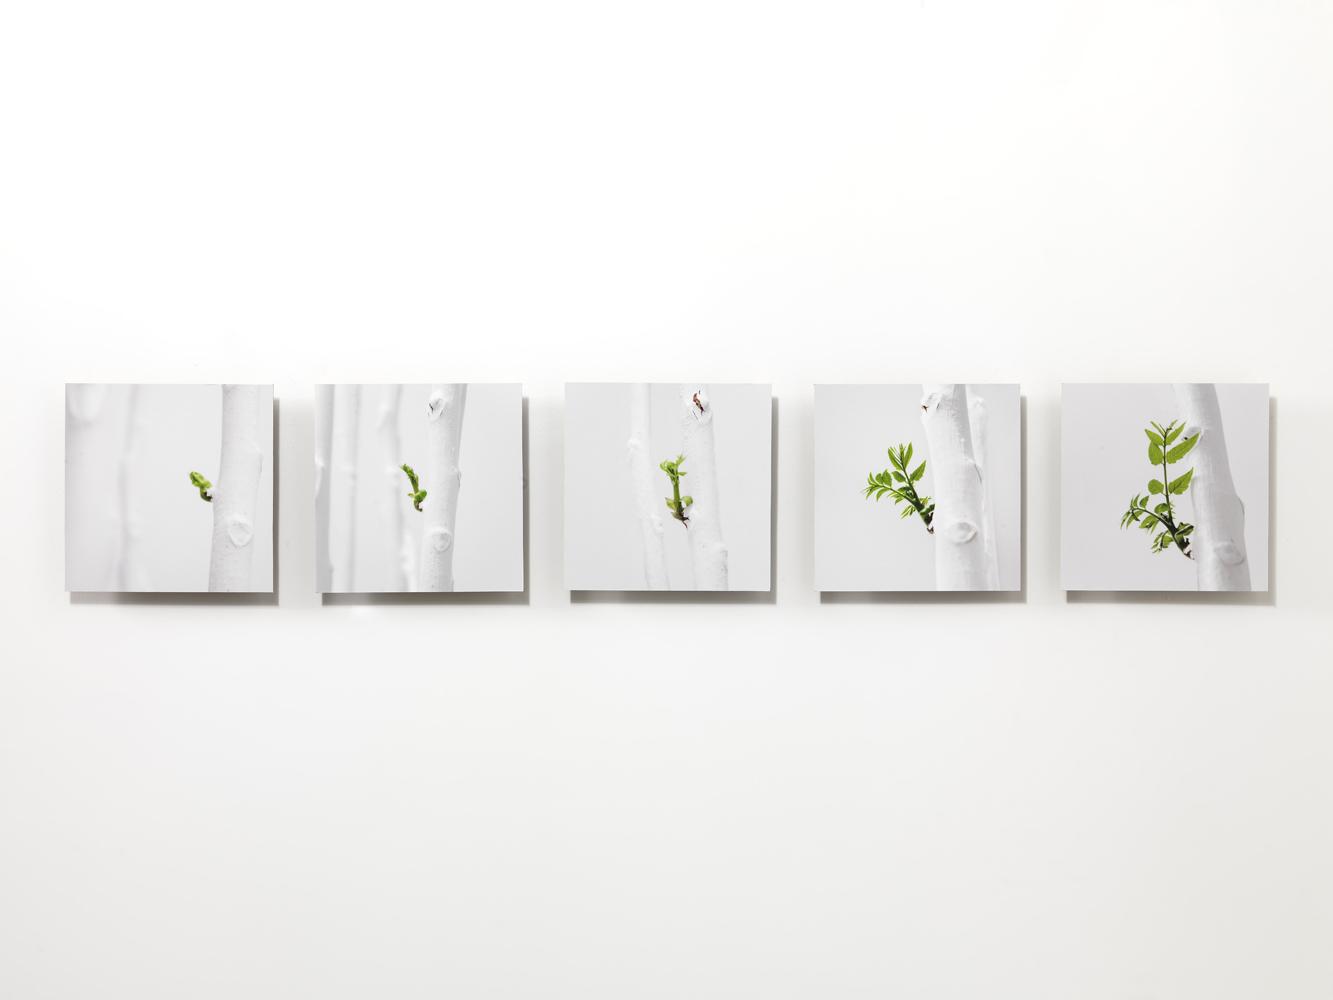 hic natura vicit , 2012 stampa digitale su alluminio cm 110 x 18